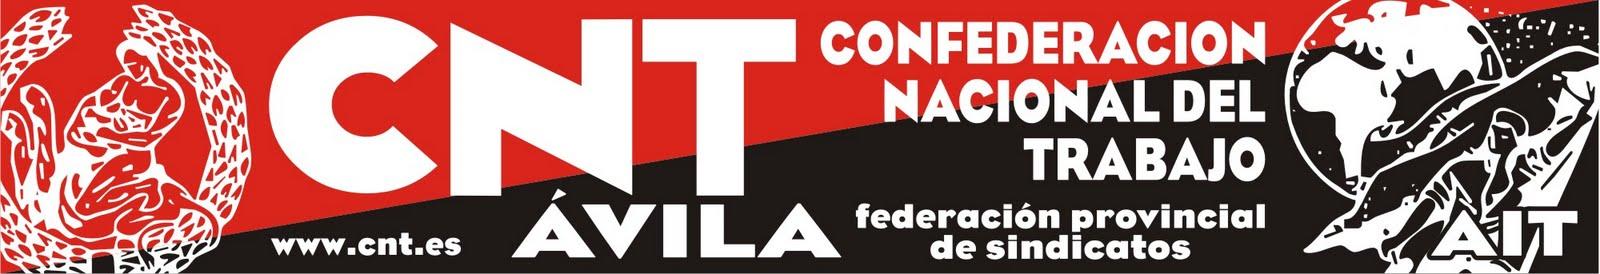 Confederación Nacional del Trabajo de Ávila